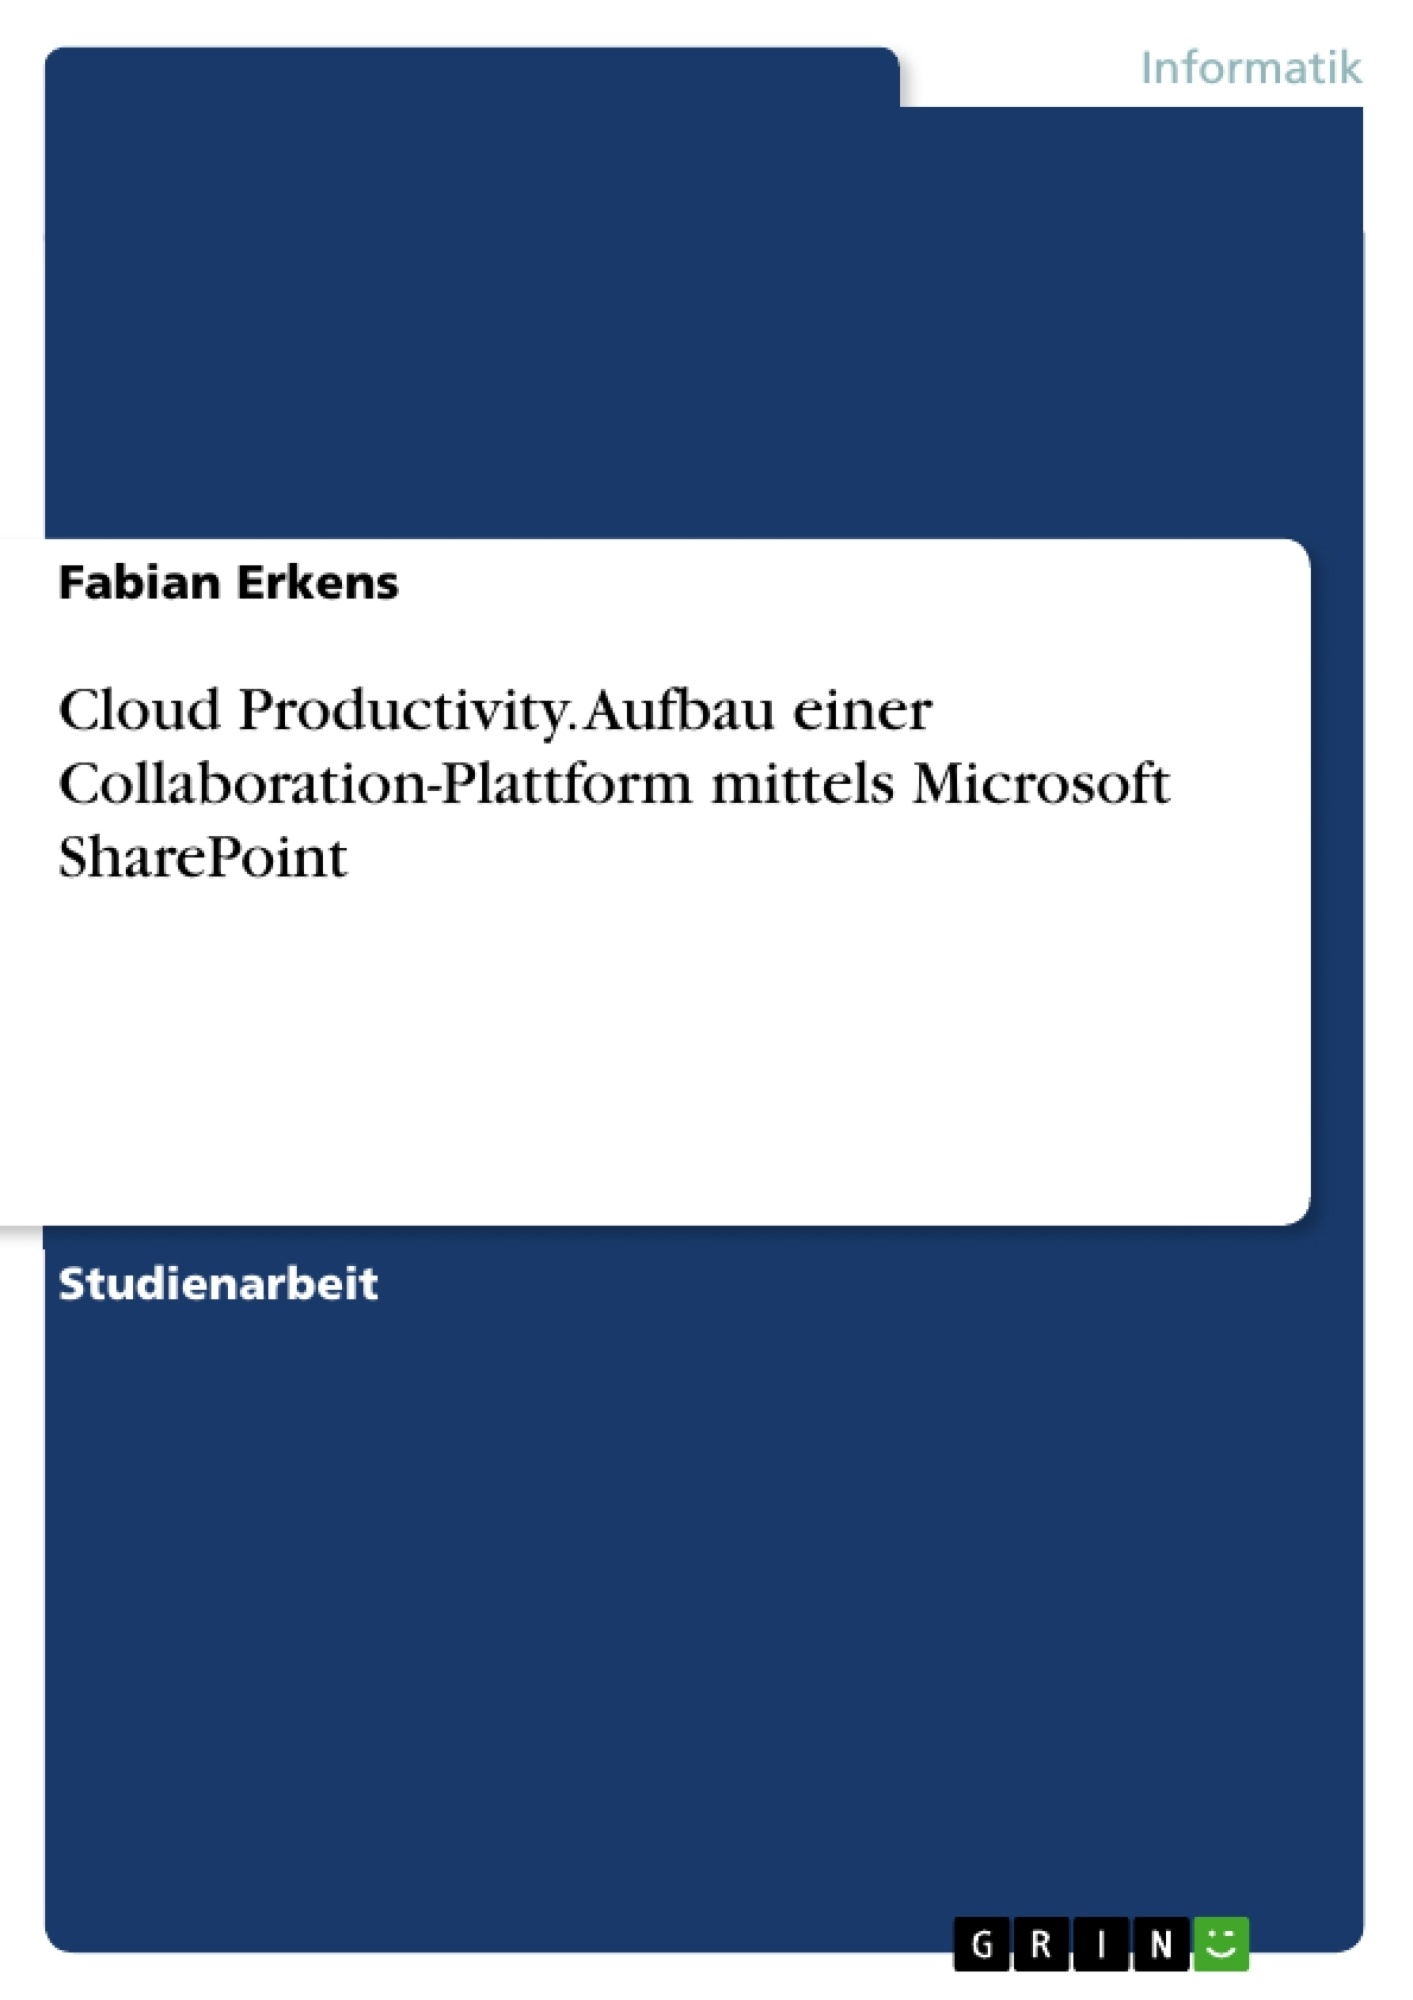 Titel: Cloud Productivity. Aufbau einer Collaboration-Plattform mittels Microsoft SharePoint